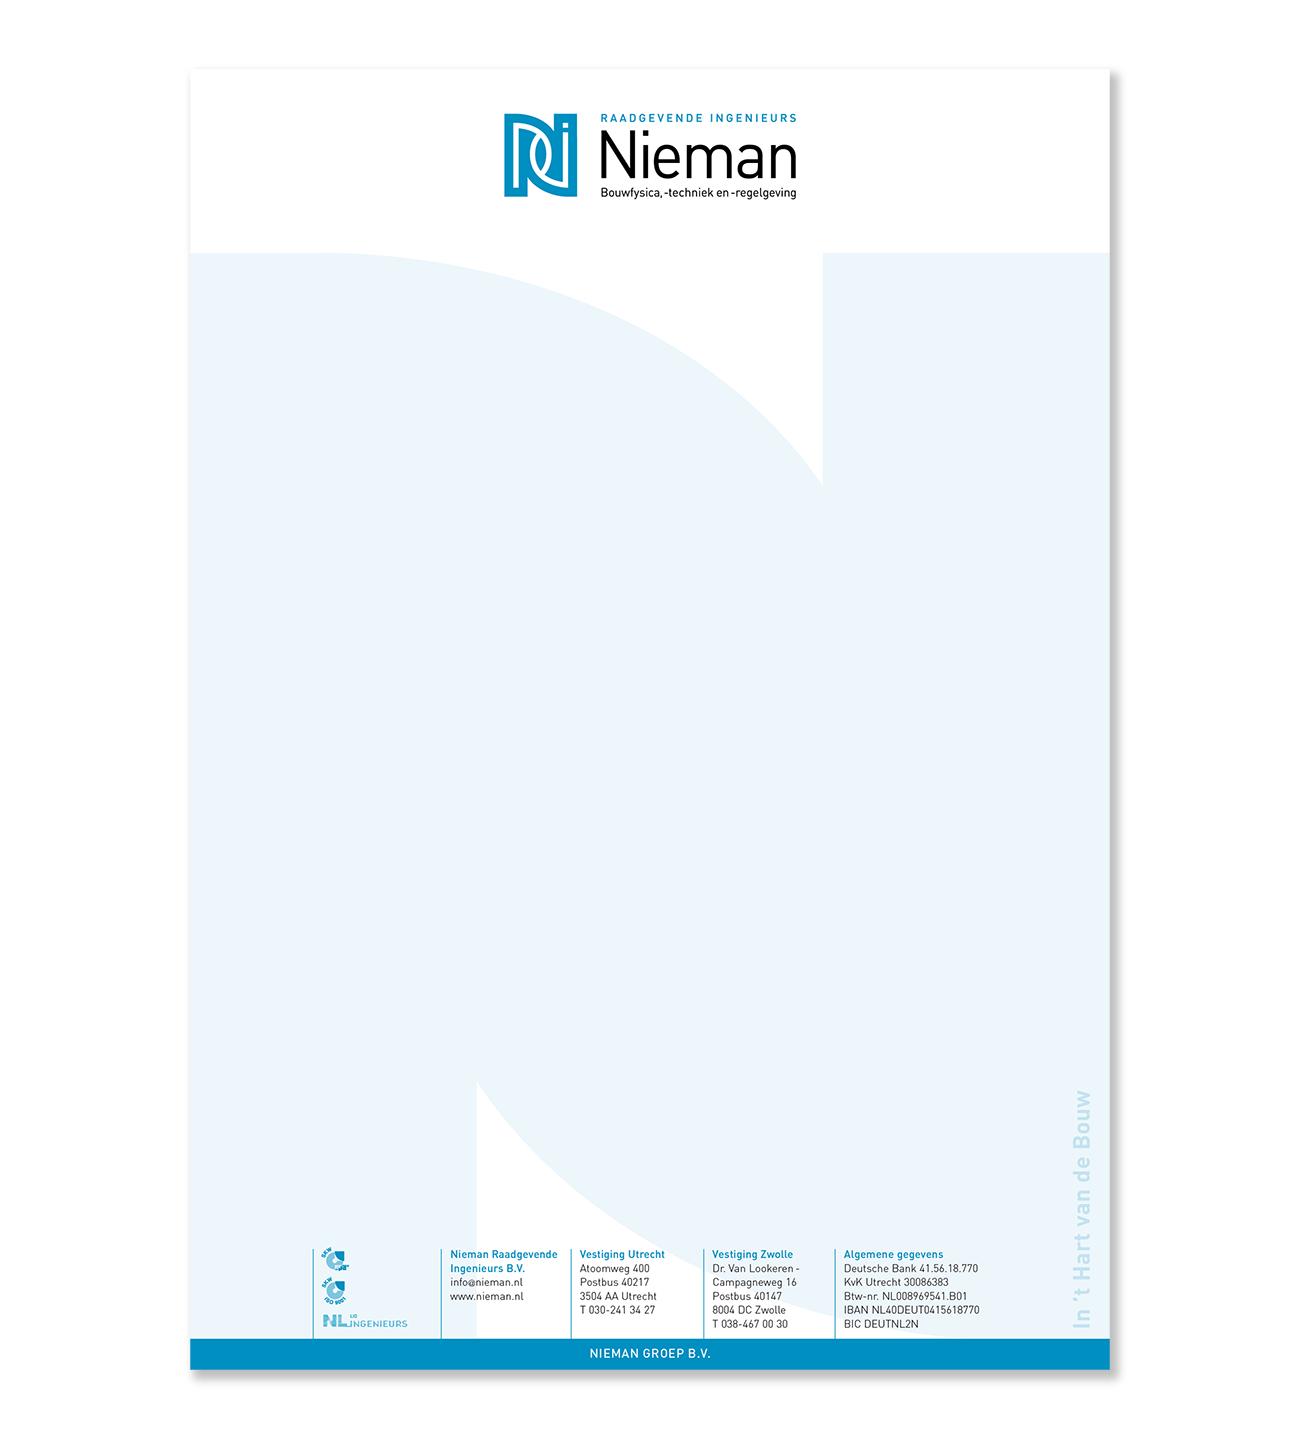 Nieman-Briefpapier_RGI_nw